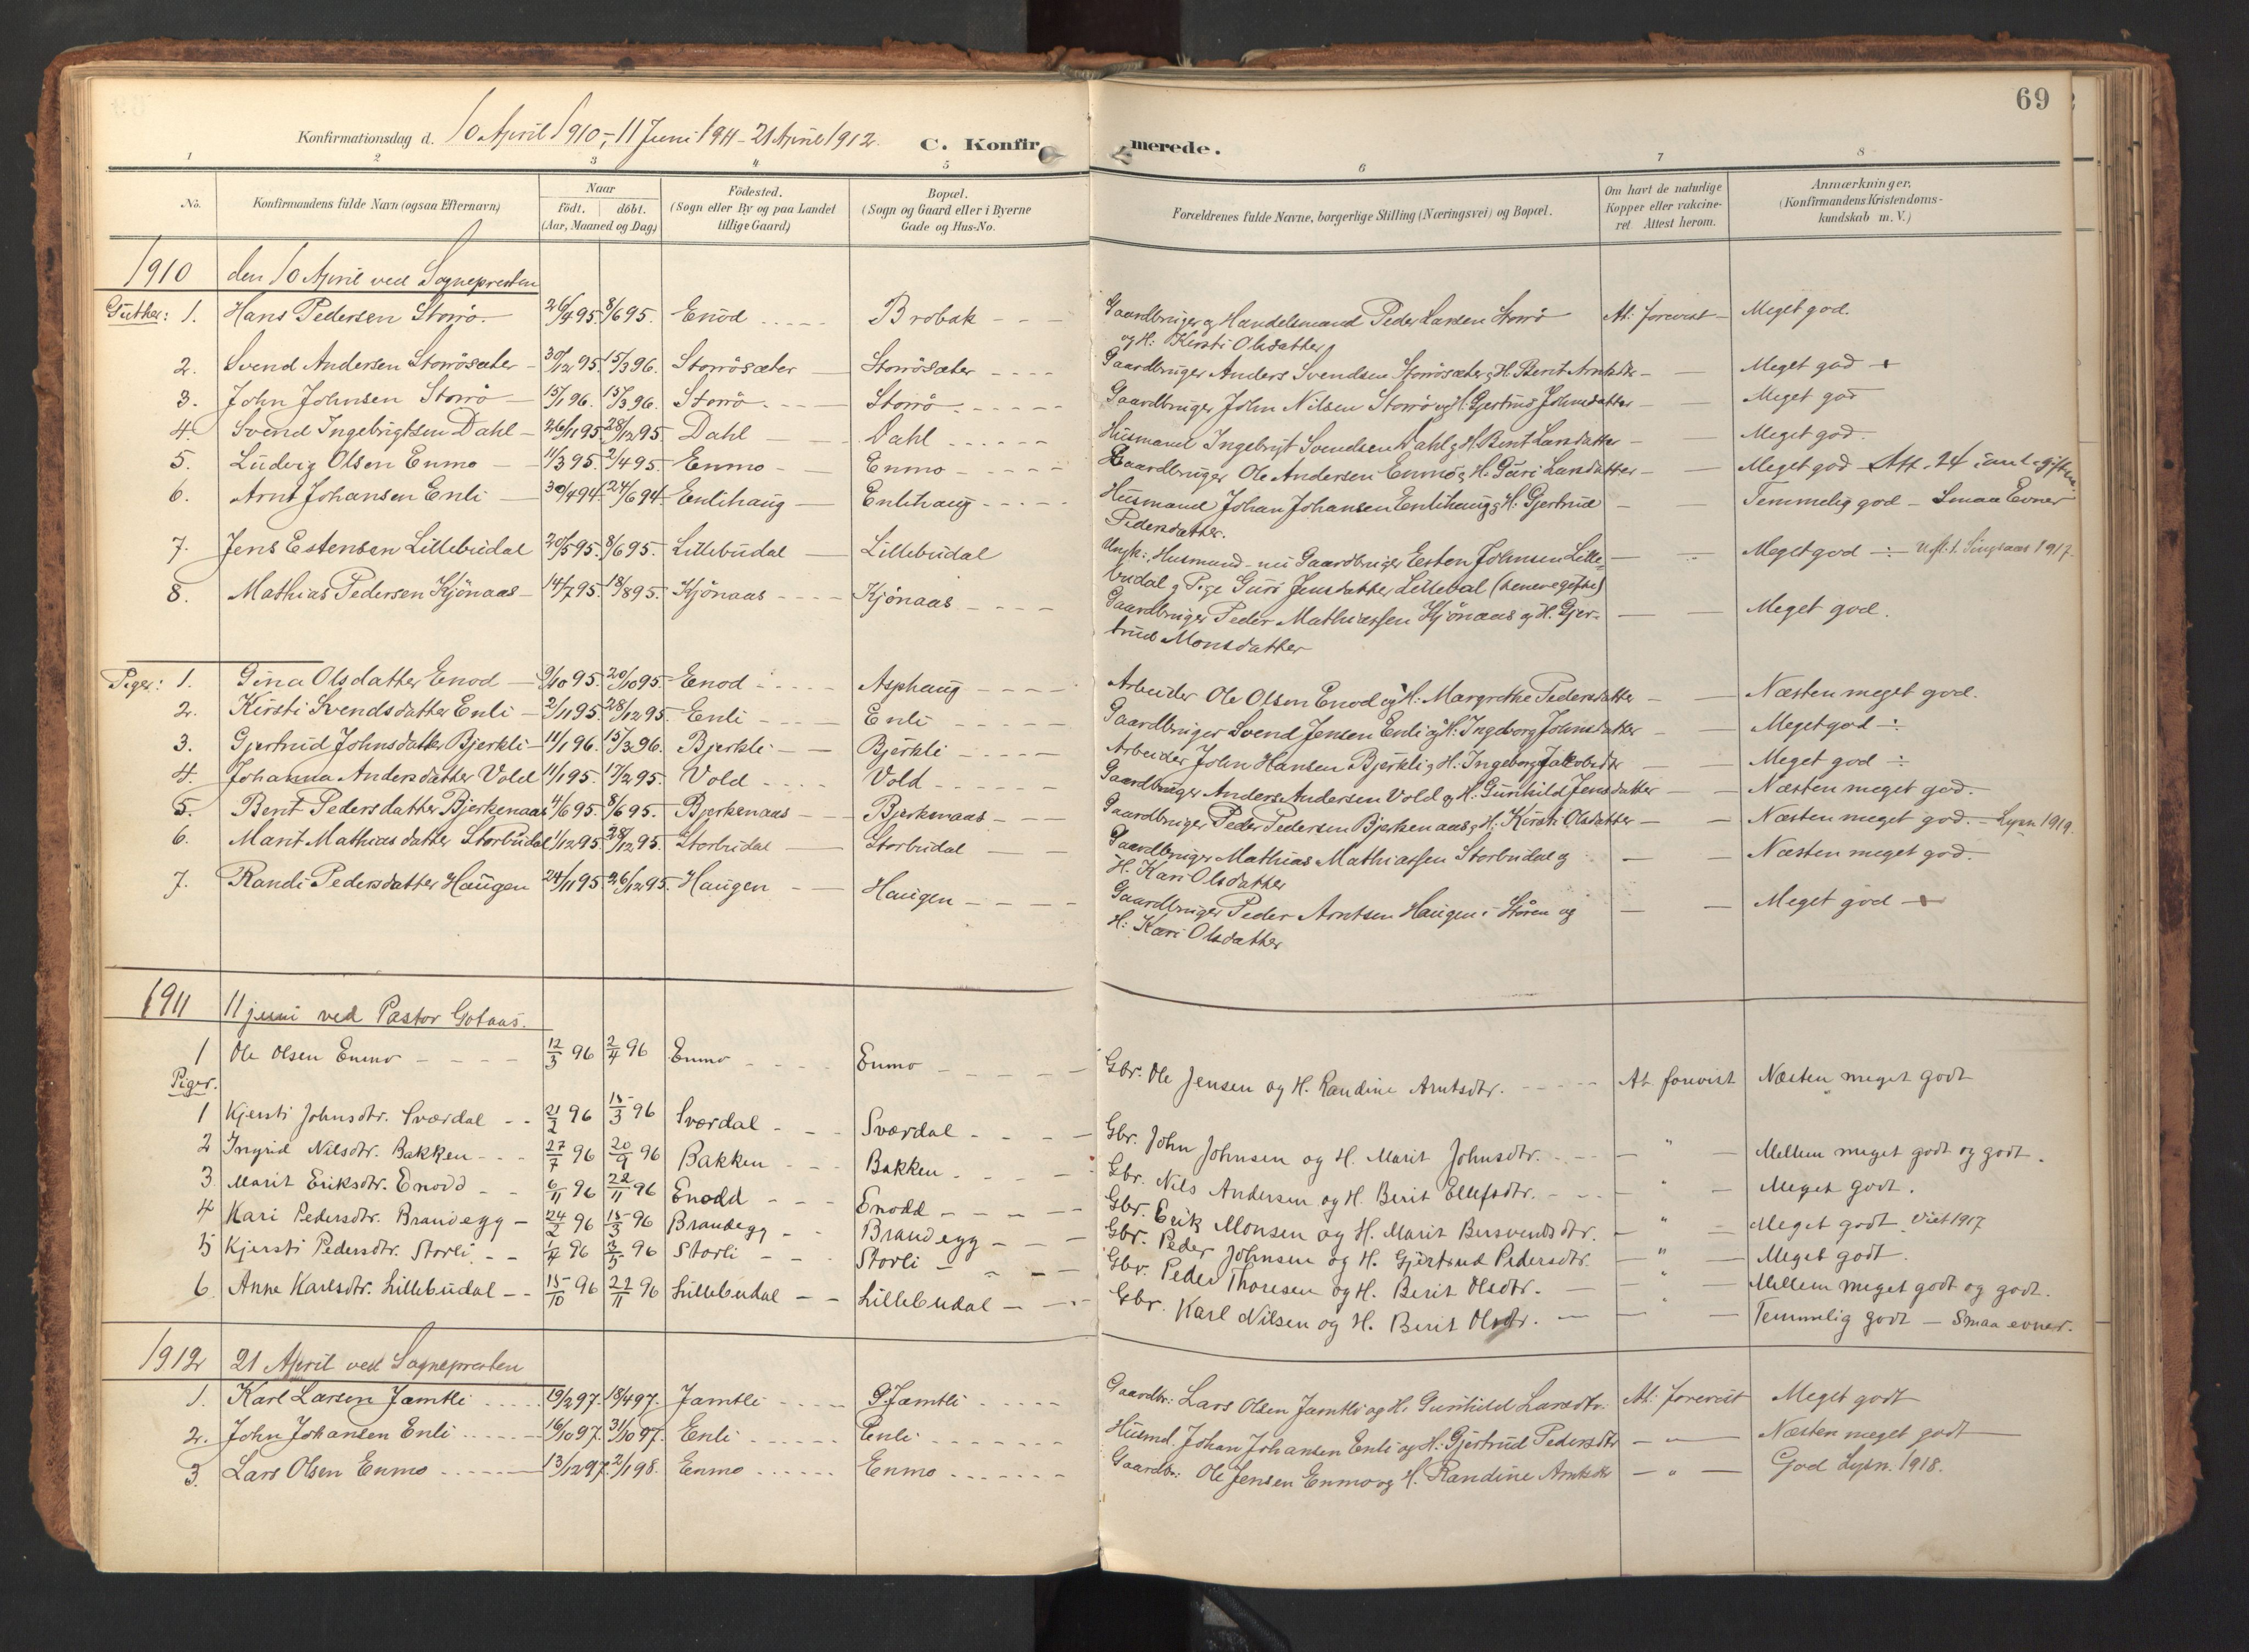 SAT, Ministerialprotokoller, klokkerbøker og fødselsregistre - Sør-Trøndelag, 690/L1050: Ministerialbok nr. 690A01, 1889-1929, s. 69